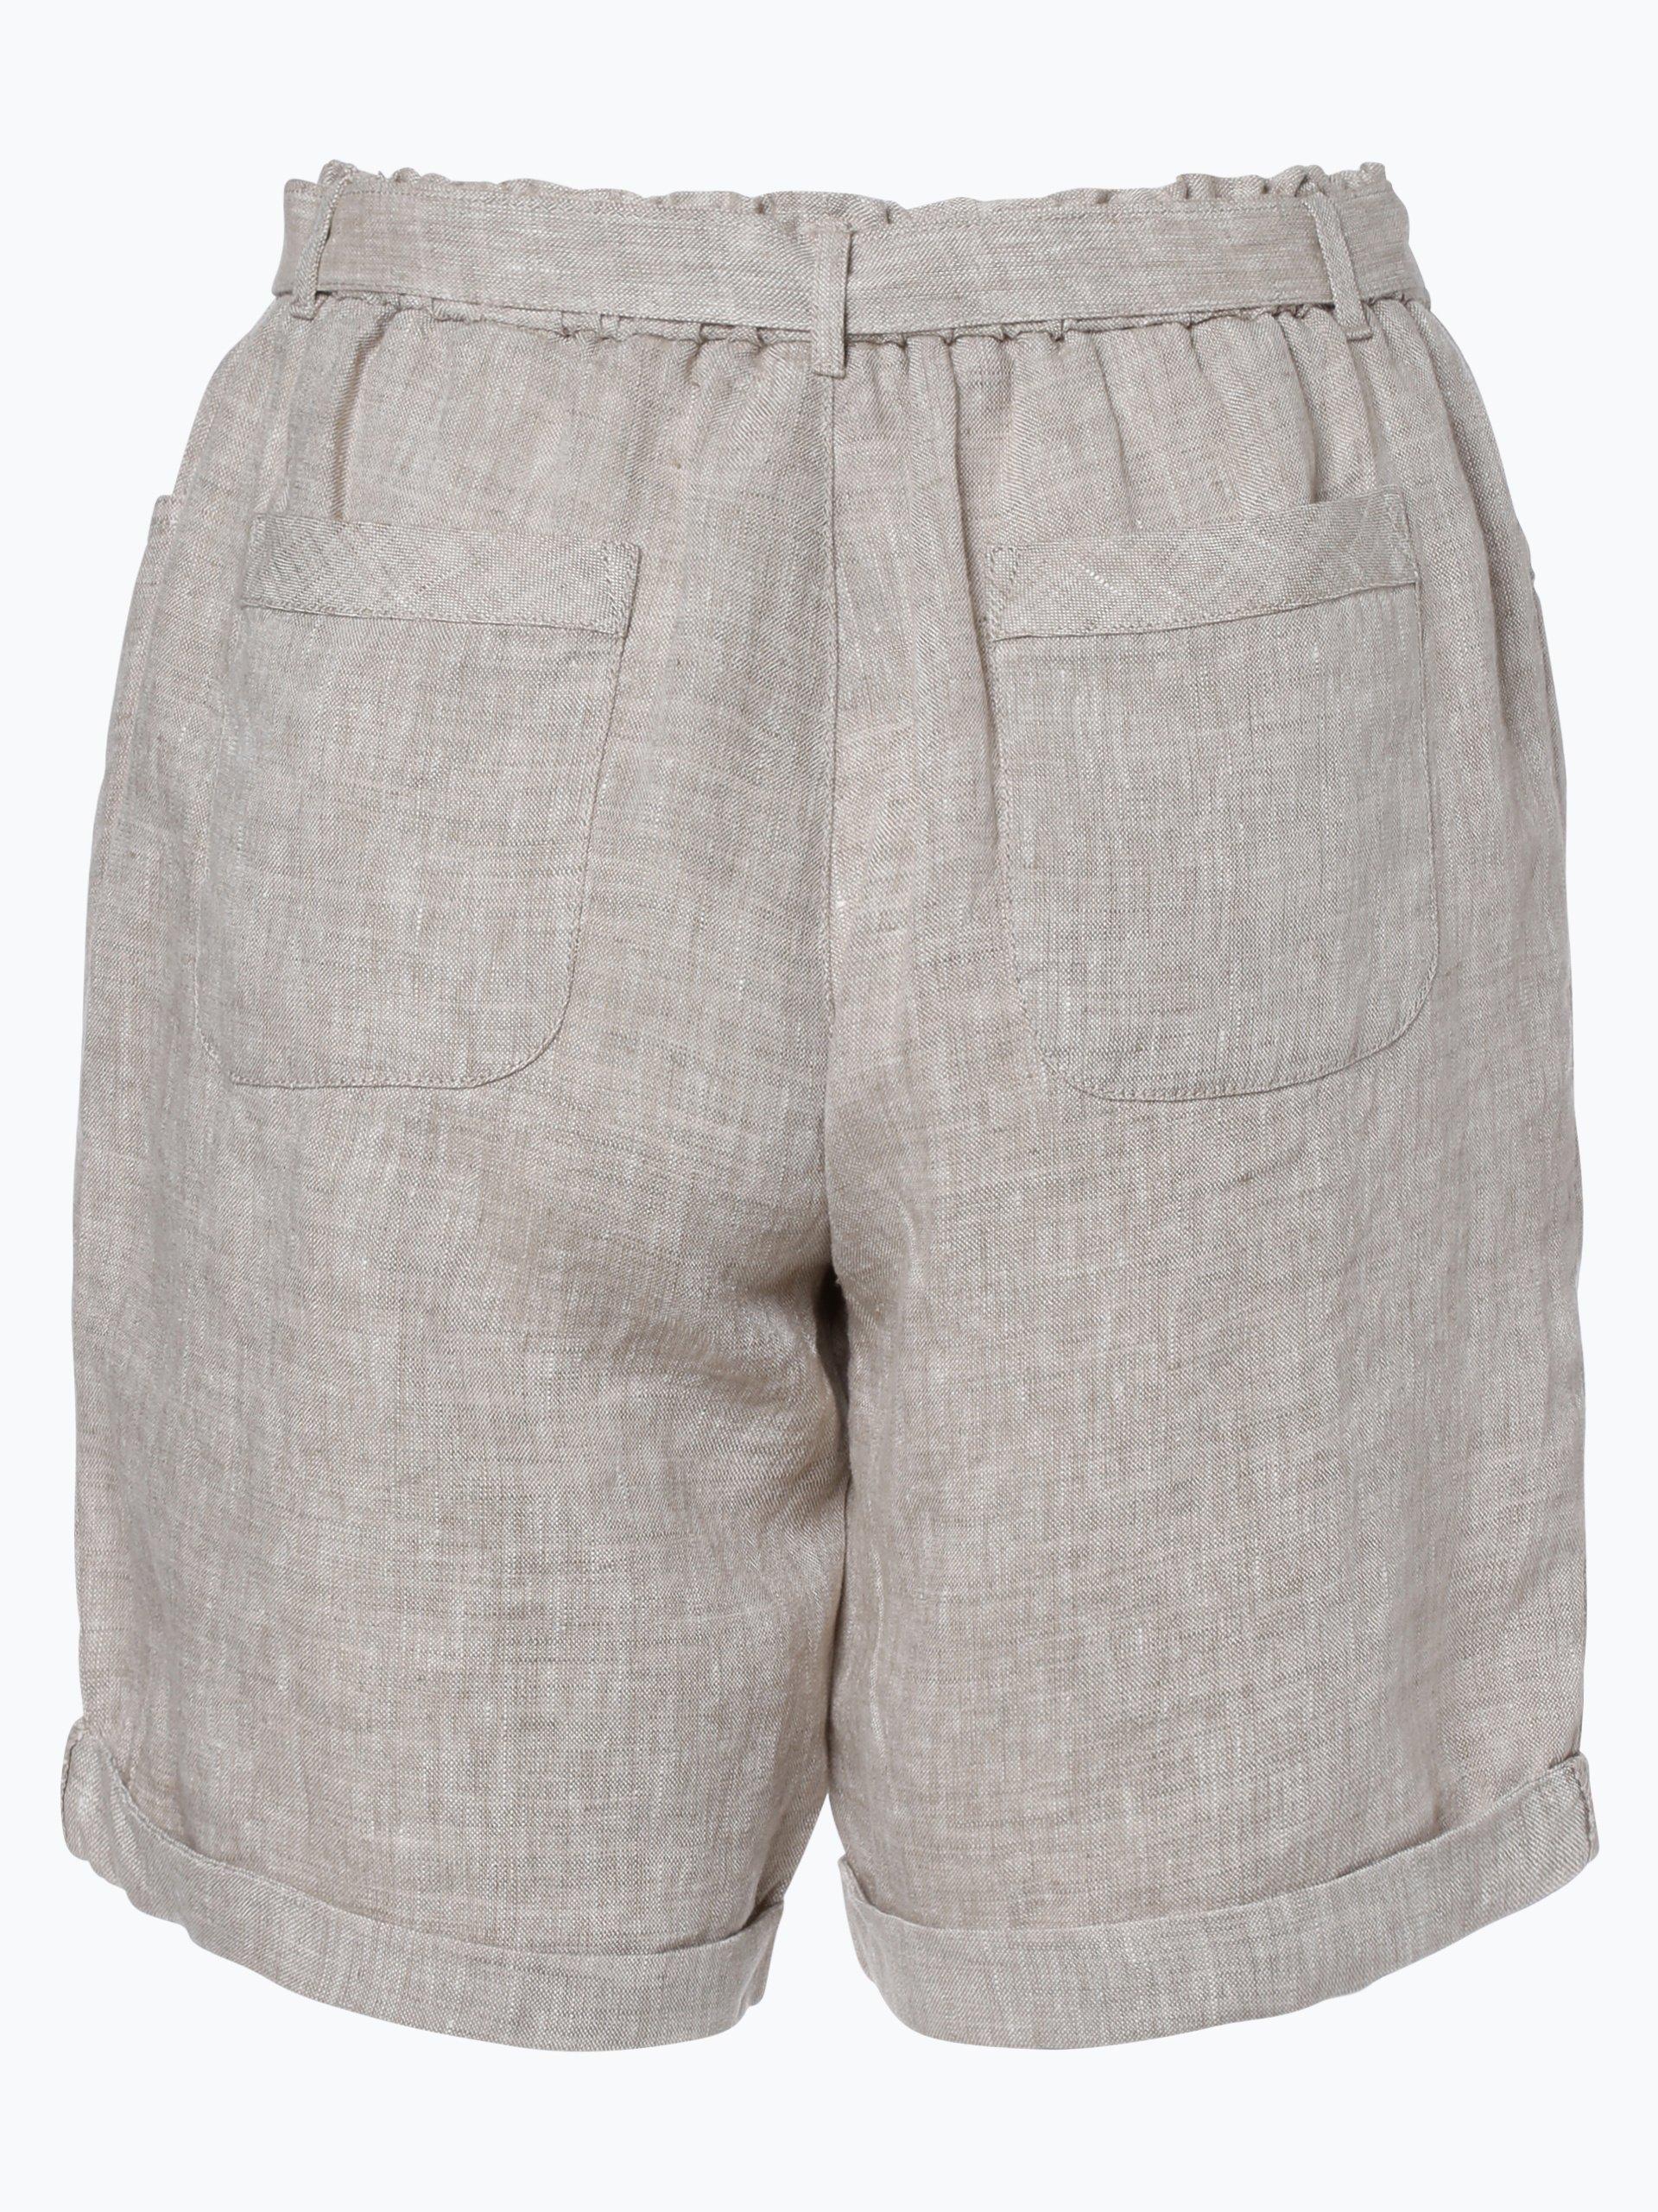 franco callegari damen shorts aus leinen sand meliert online kaufen peek und cloppenburg de. Black Bedroom Furniture Sets. Home Design Ideas